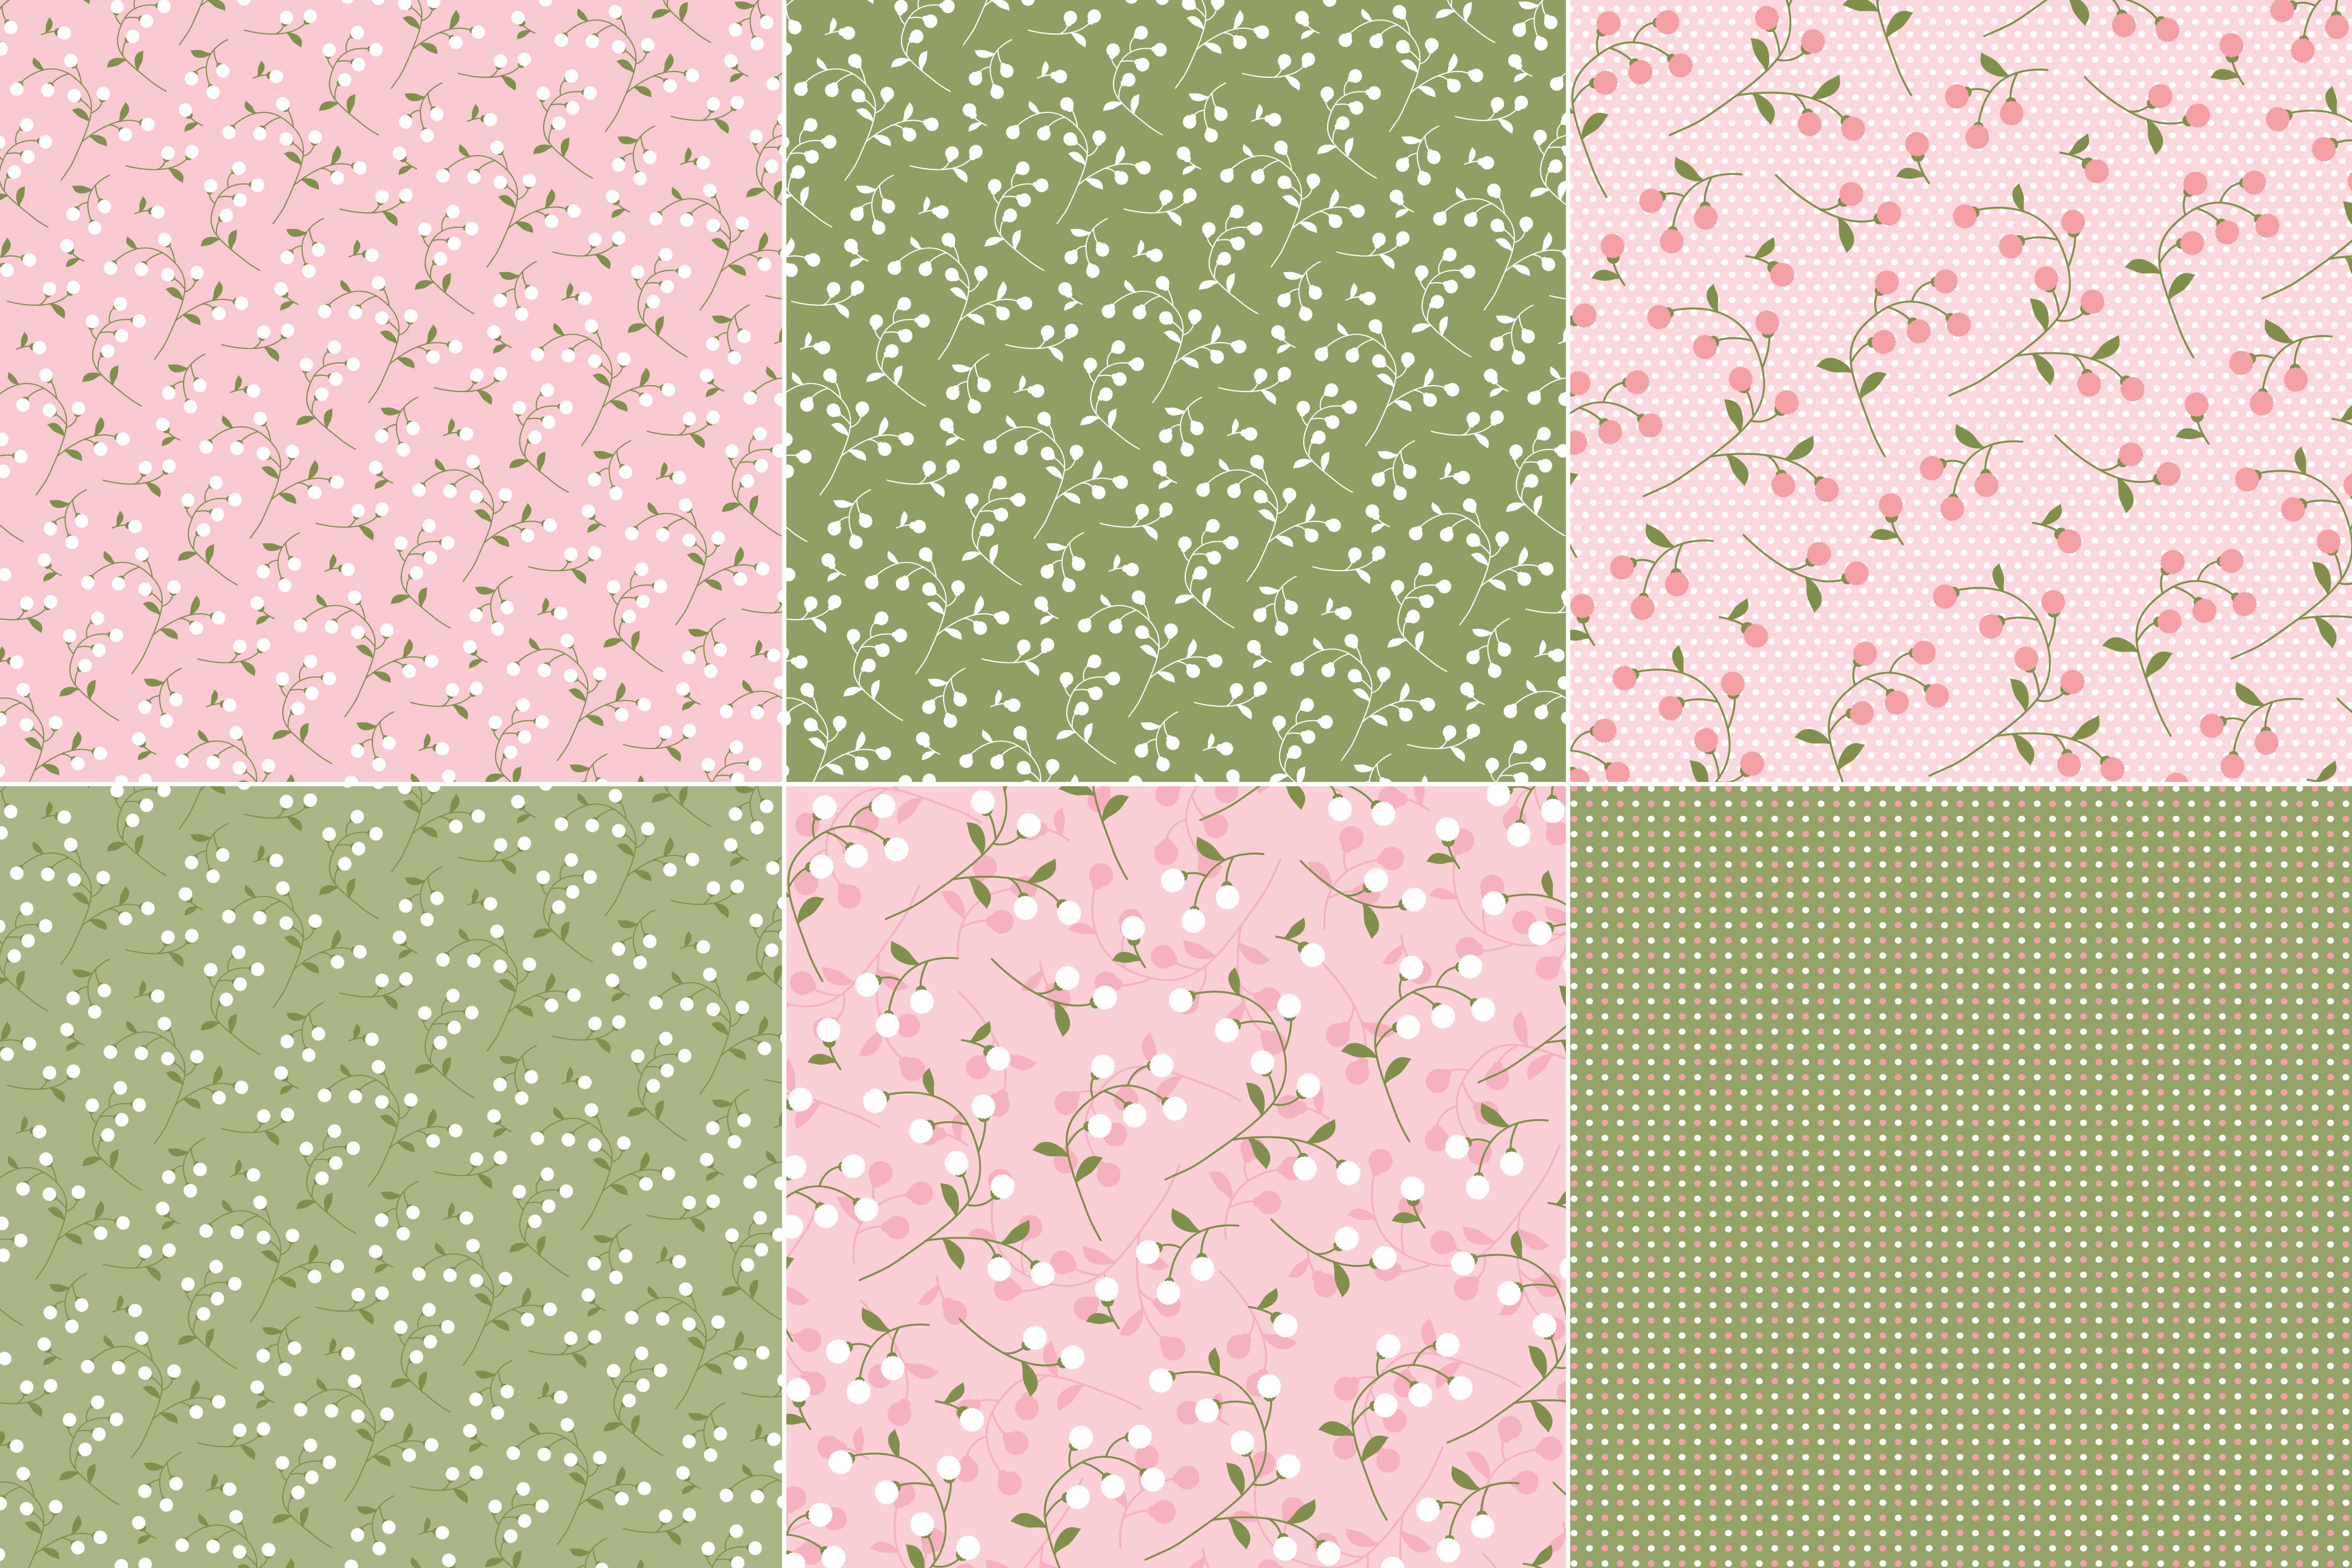 Pink Green Florals Polka Dots Download Free Vectors Clipart Graphics Vector Art